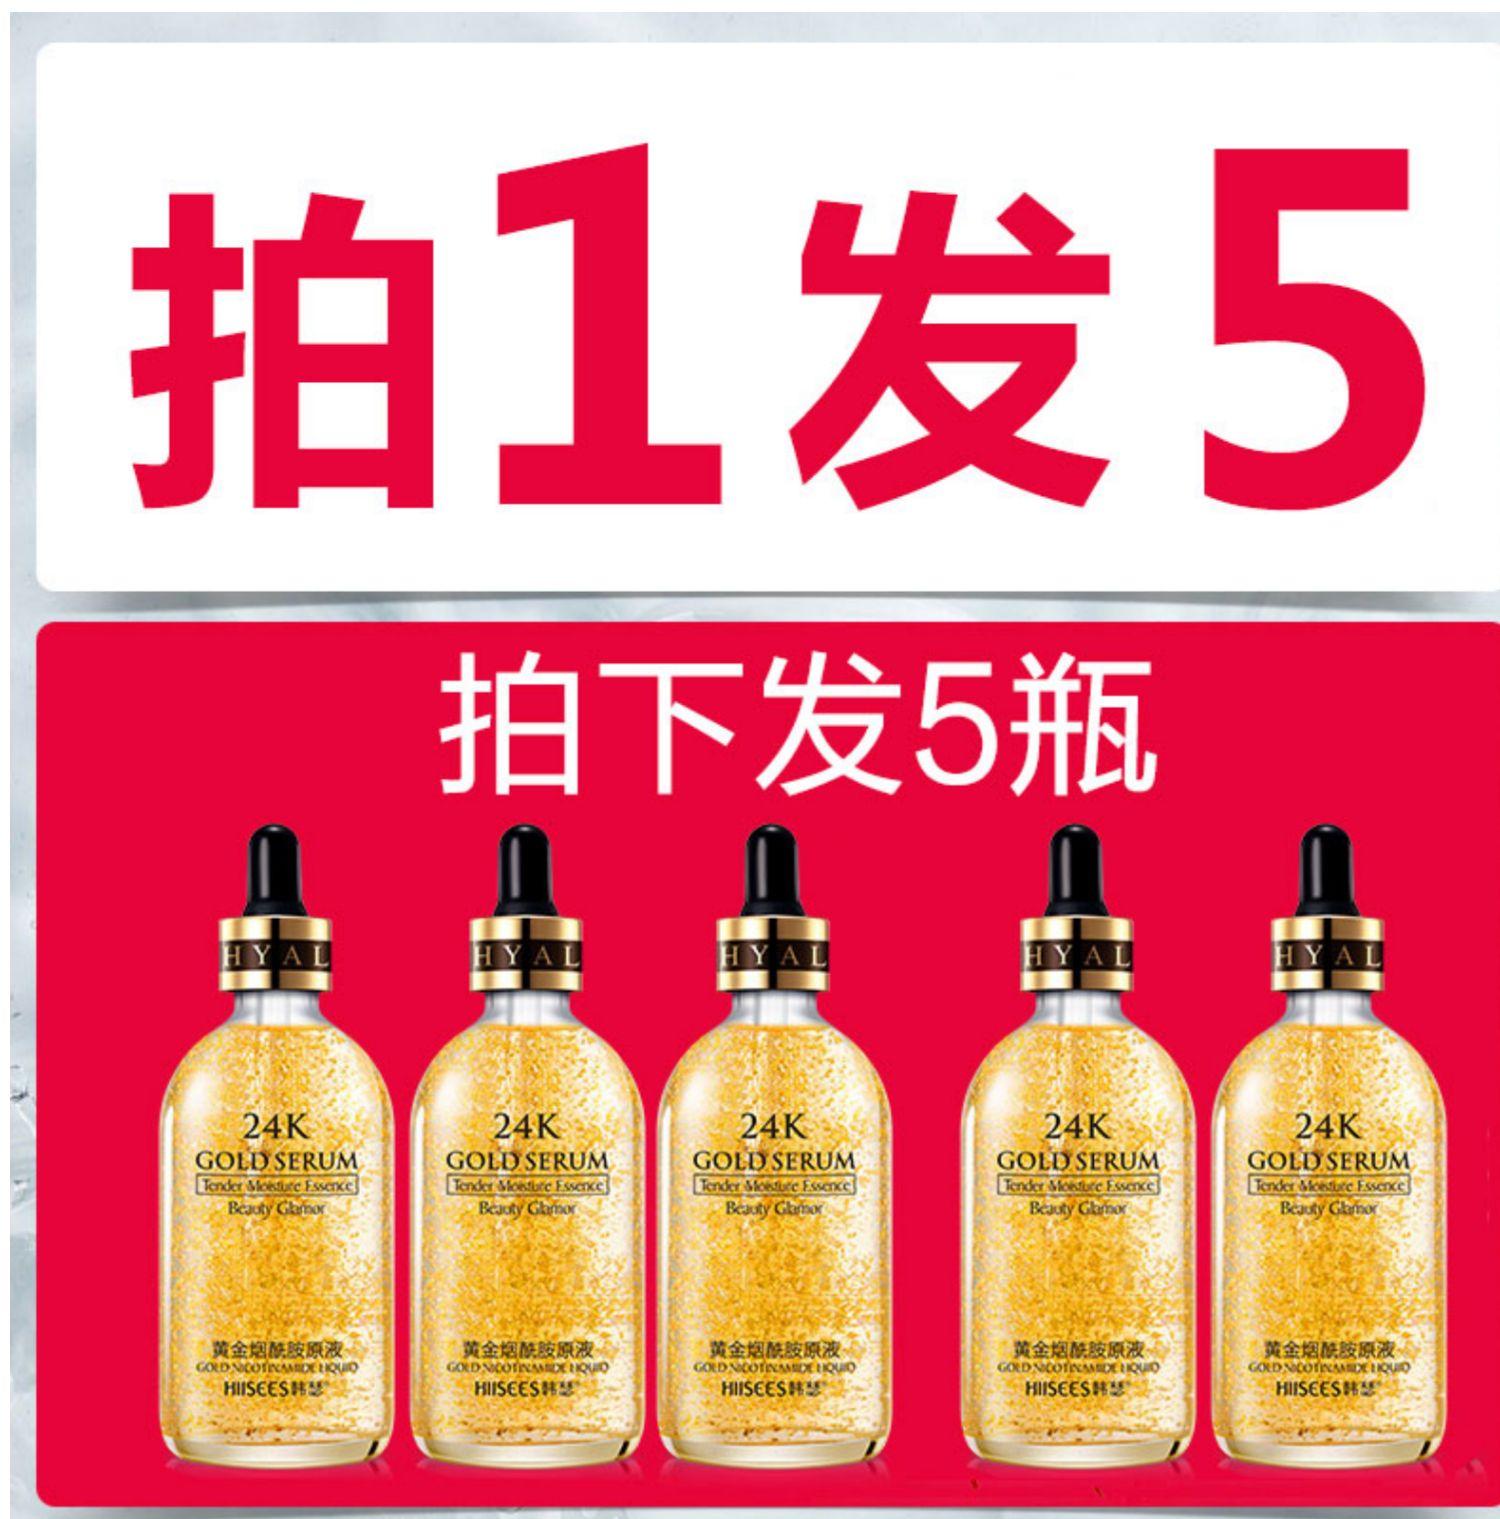 韩瑟丨24K烟酰胺精华液30ml*5瓶 2